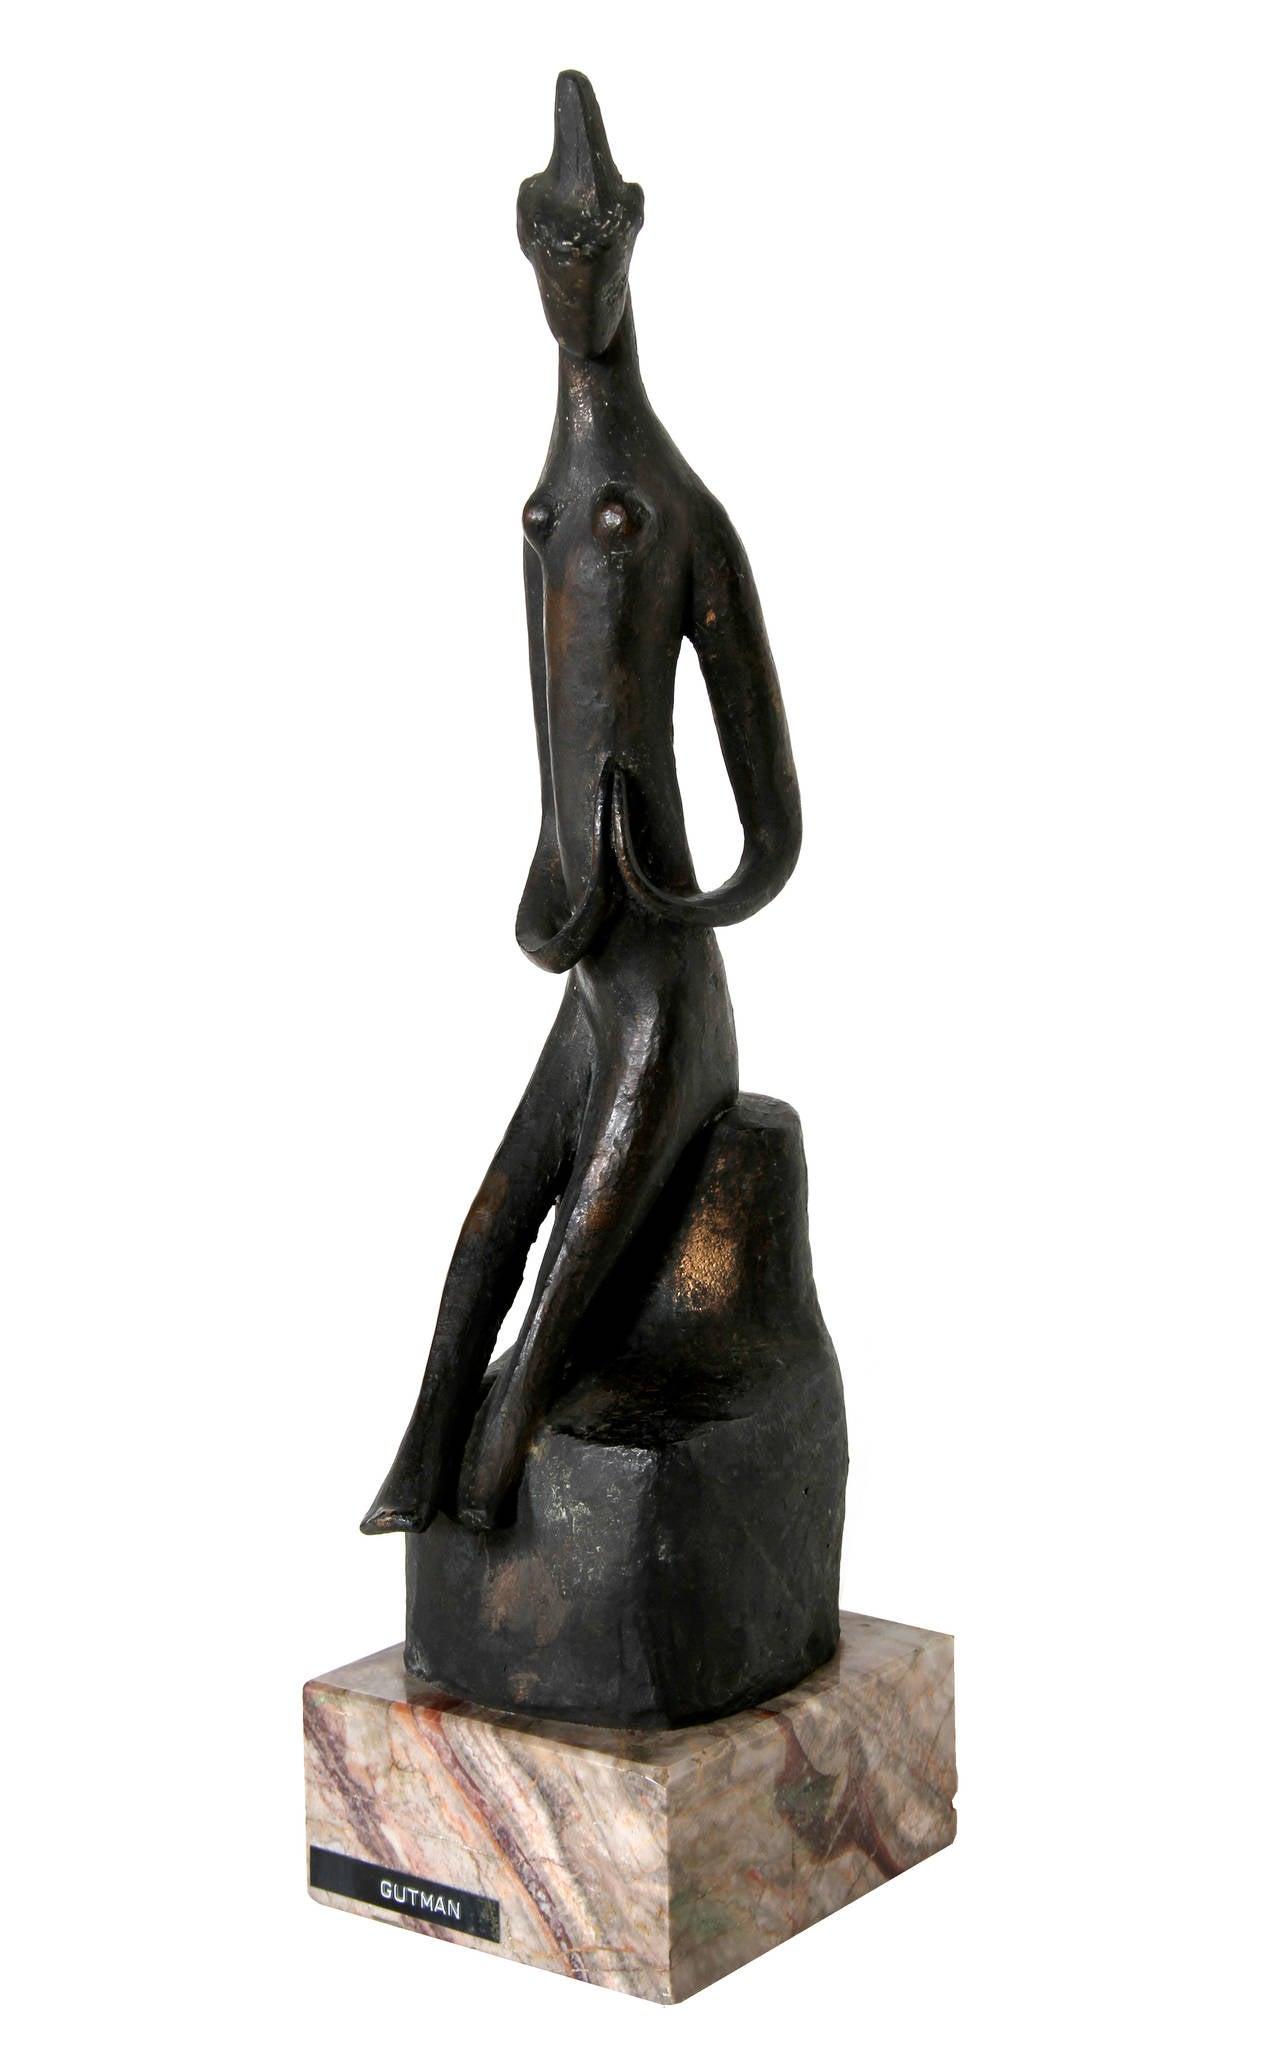 Praying Woman, Modern Bronze Sculpture - Gold Figurative Sculpture by Ruth Gutman